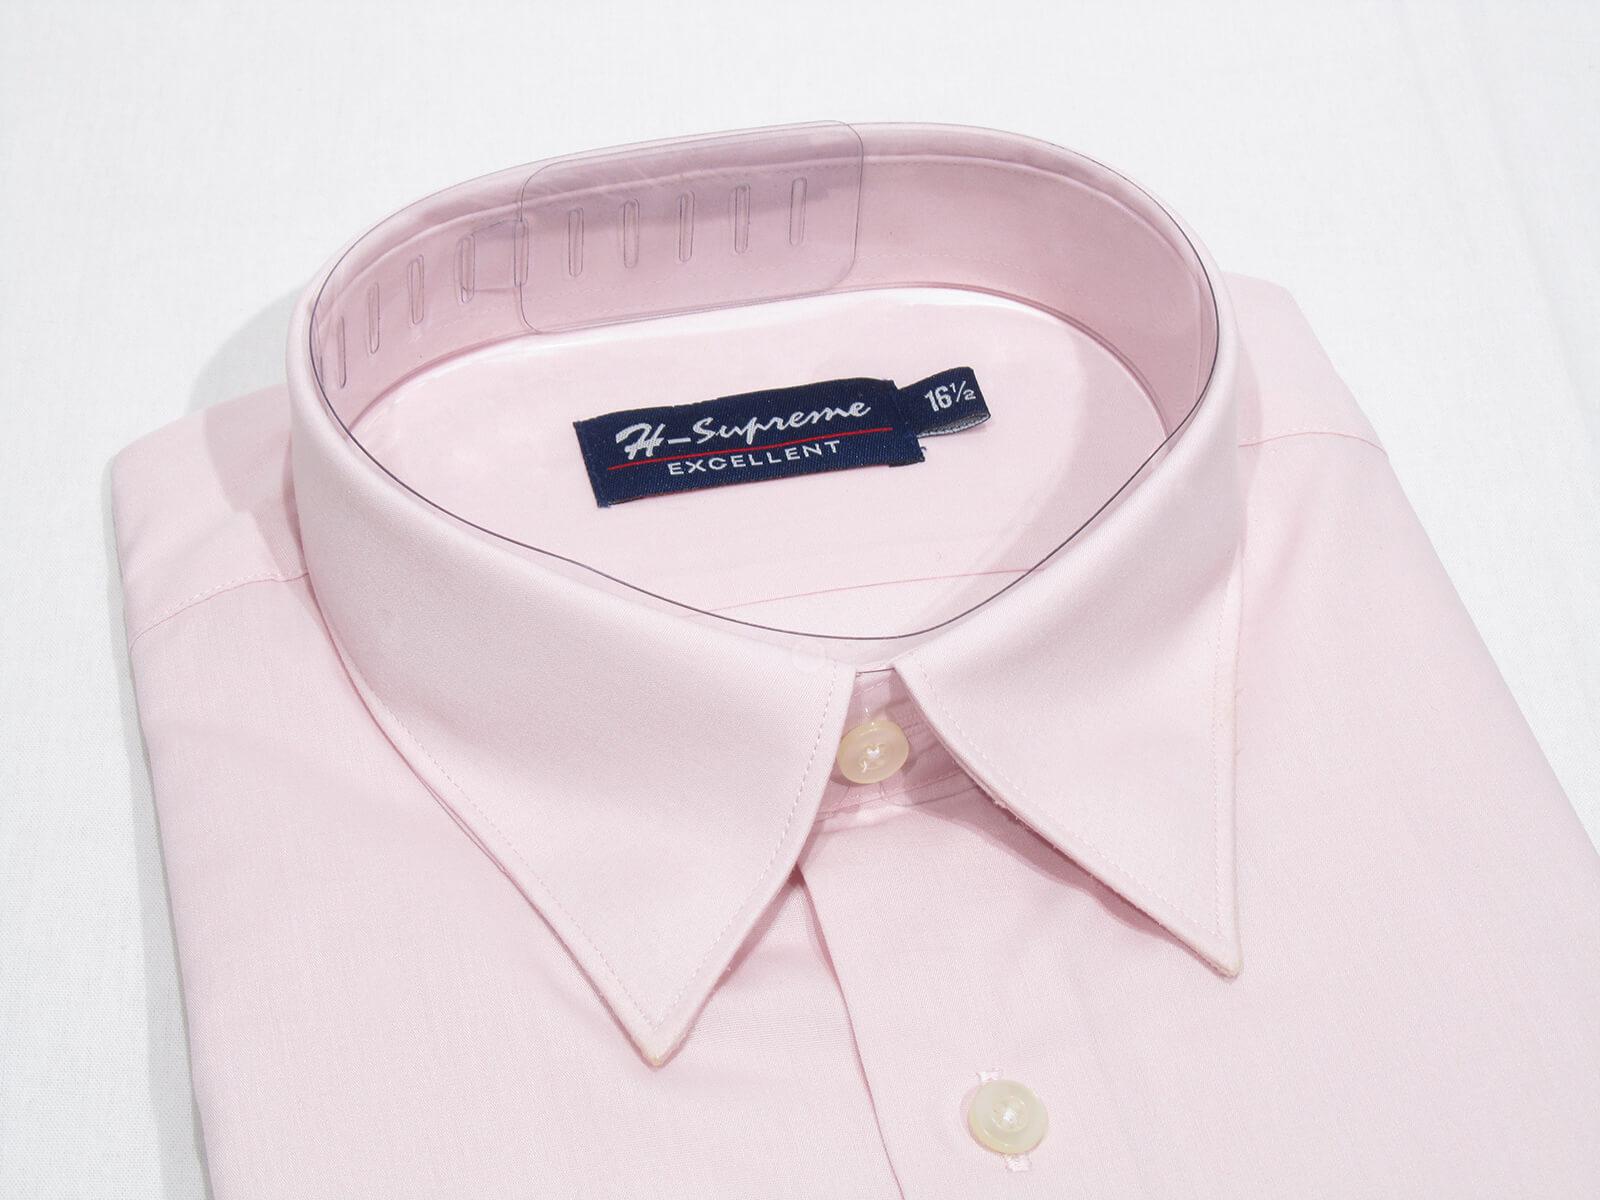 標準襯衫 正式襯衫 面試襯衫 上班族襯衫 商務襯衫 短袖襯衫 長袖襯衫 素面襯衫不皺免燙襯衫(領圍14.5~19.5英吋) [實體店面保障] sun-e322 2